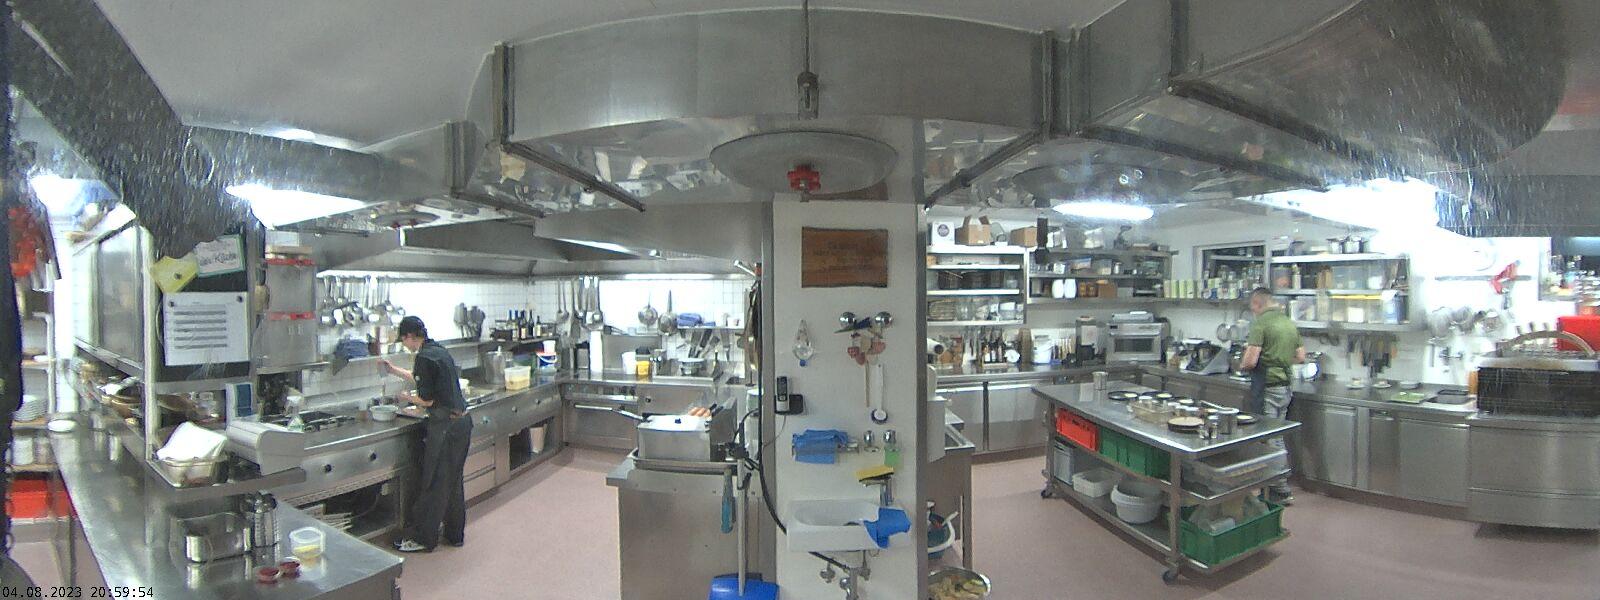 Blick in die Küche des Genusshotels Walserstuba